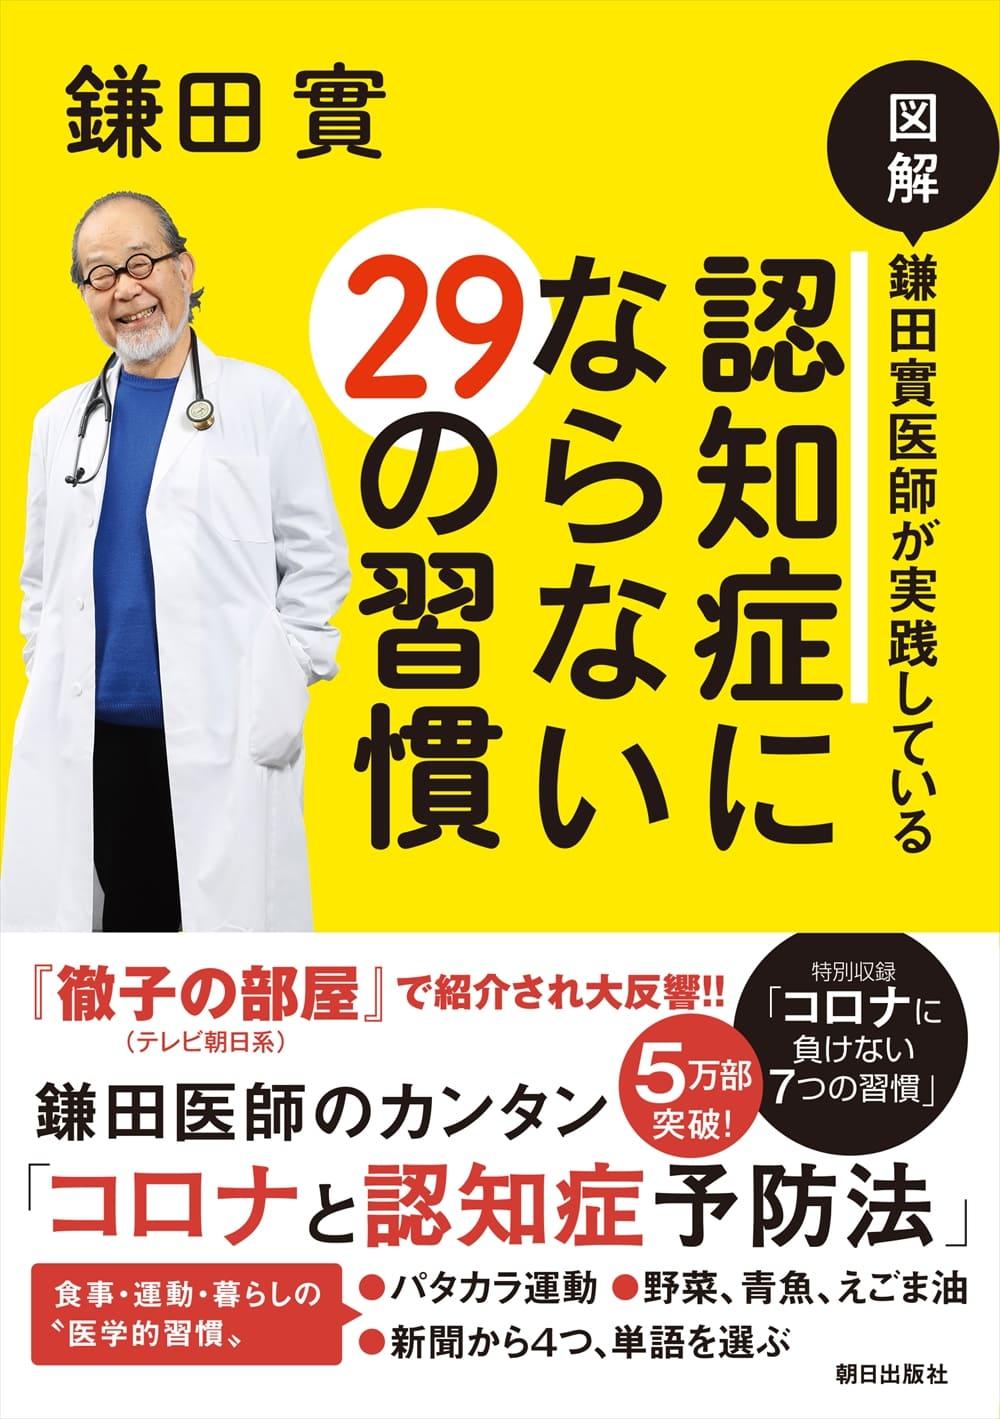 図解 鎌田實医師が実践している<br> 認知症にならない29の習慣